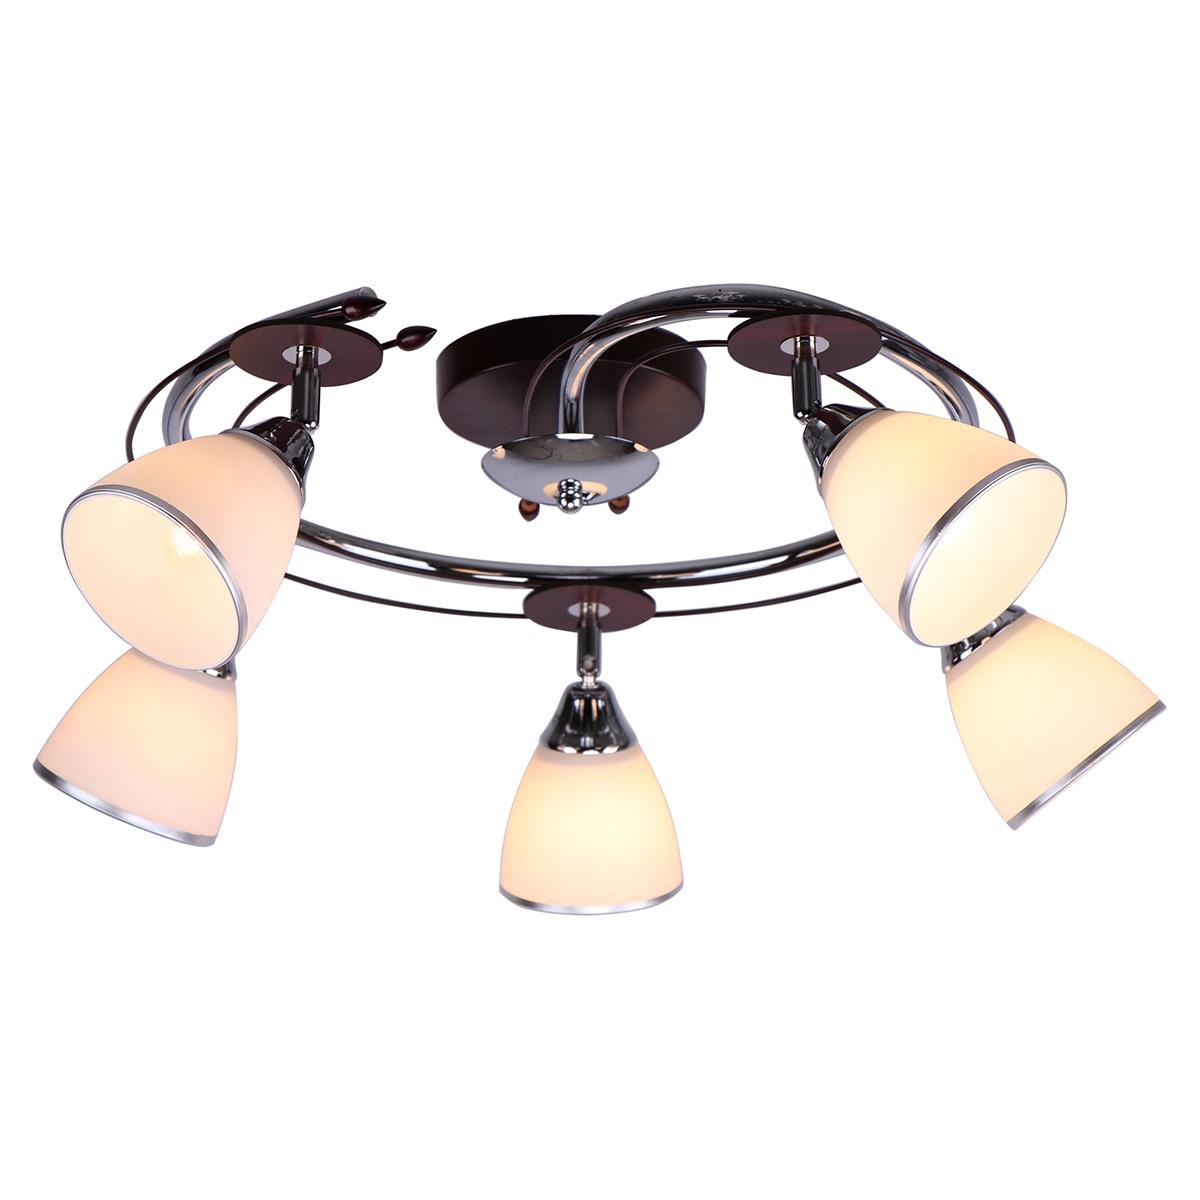 Потолочный светильник Toscom Nancy, E27, 5x60Вт Вт люстра toscom paula tc 133 203